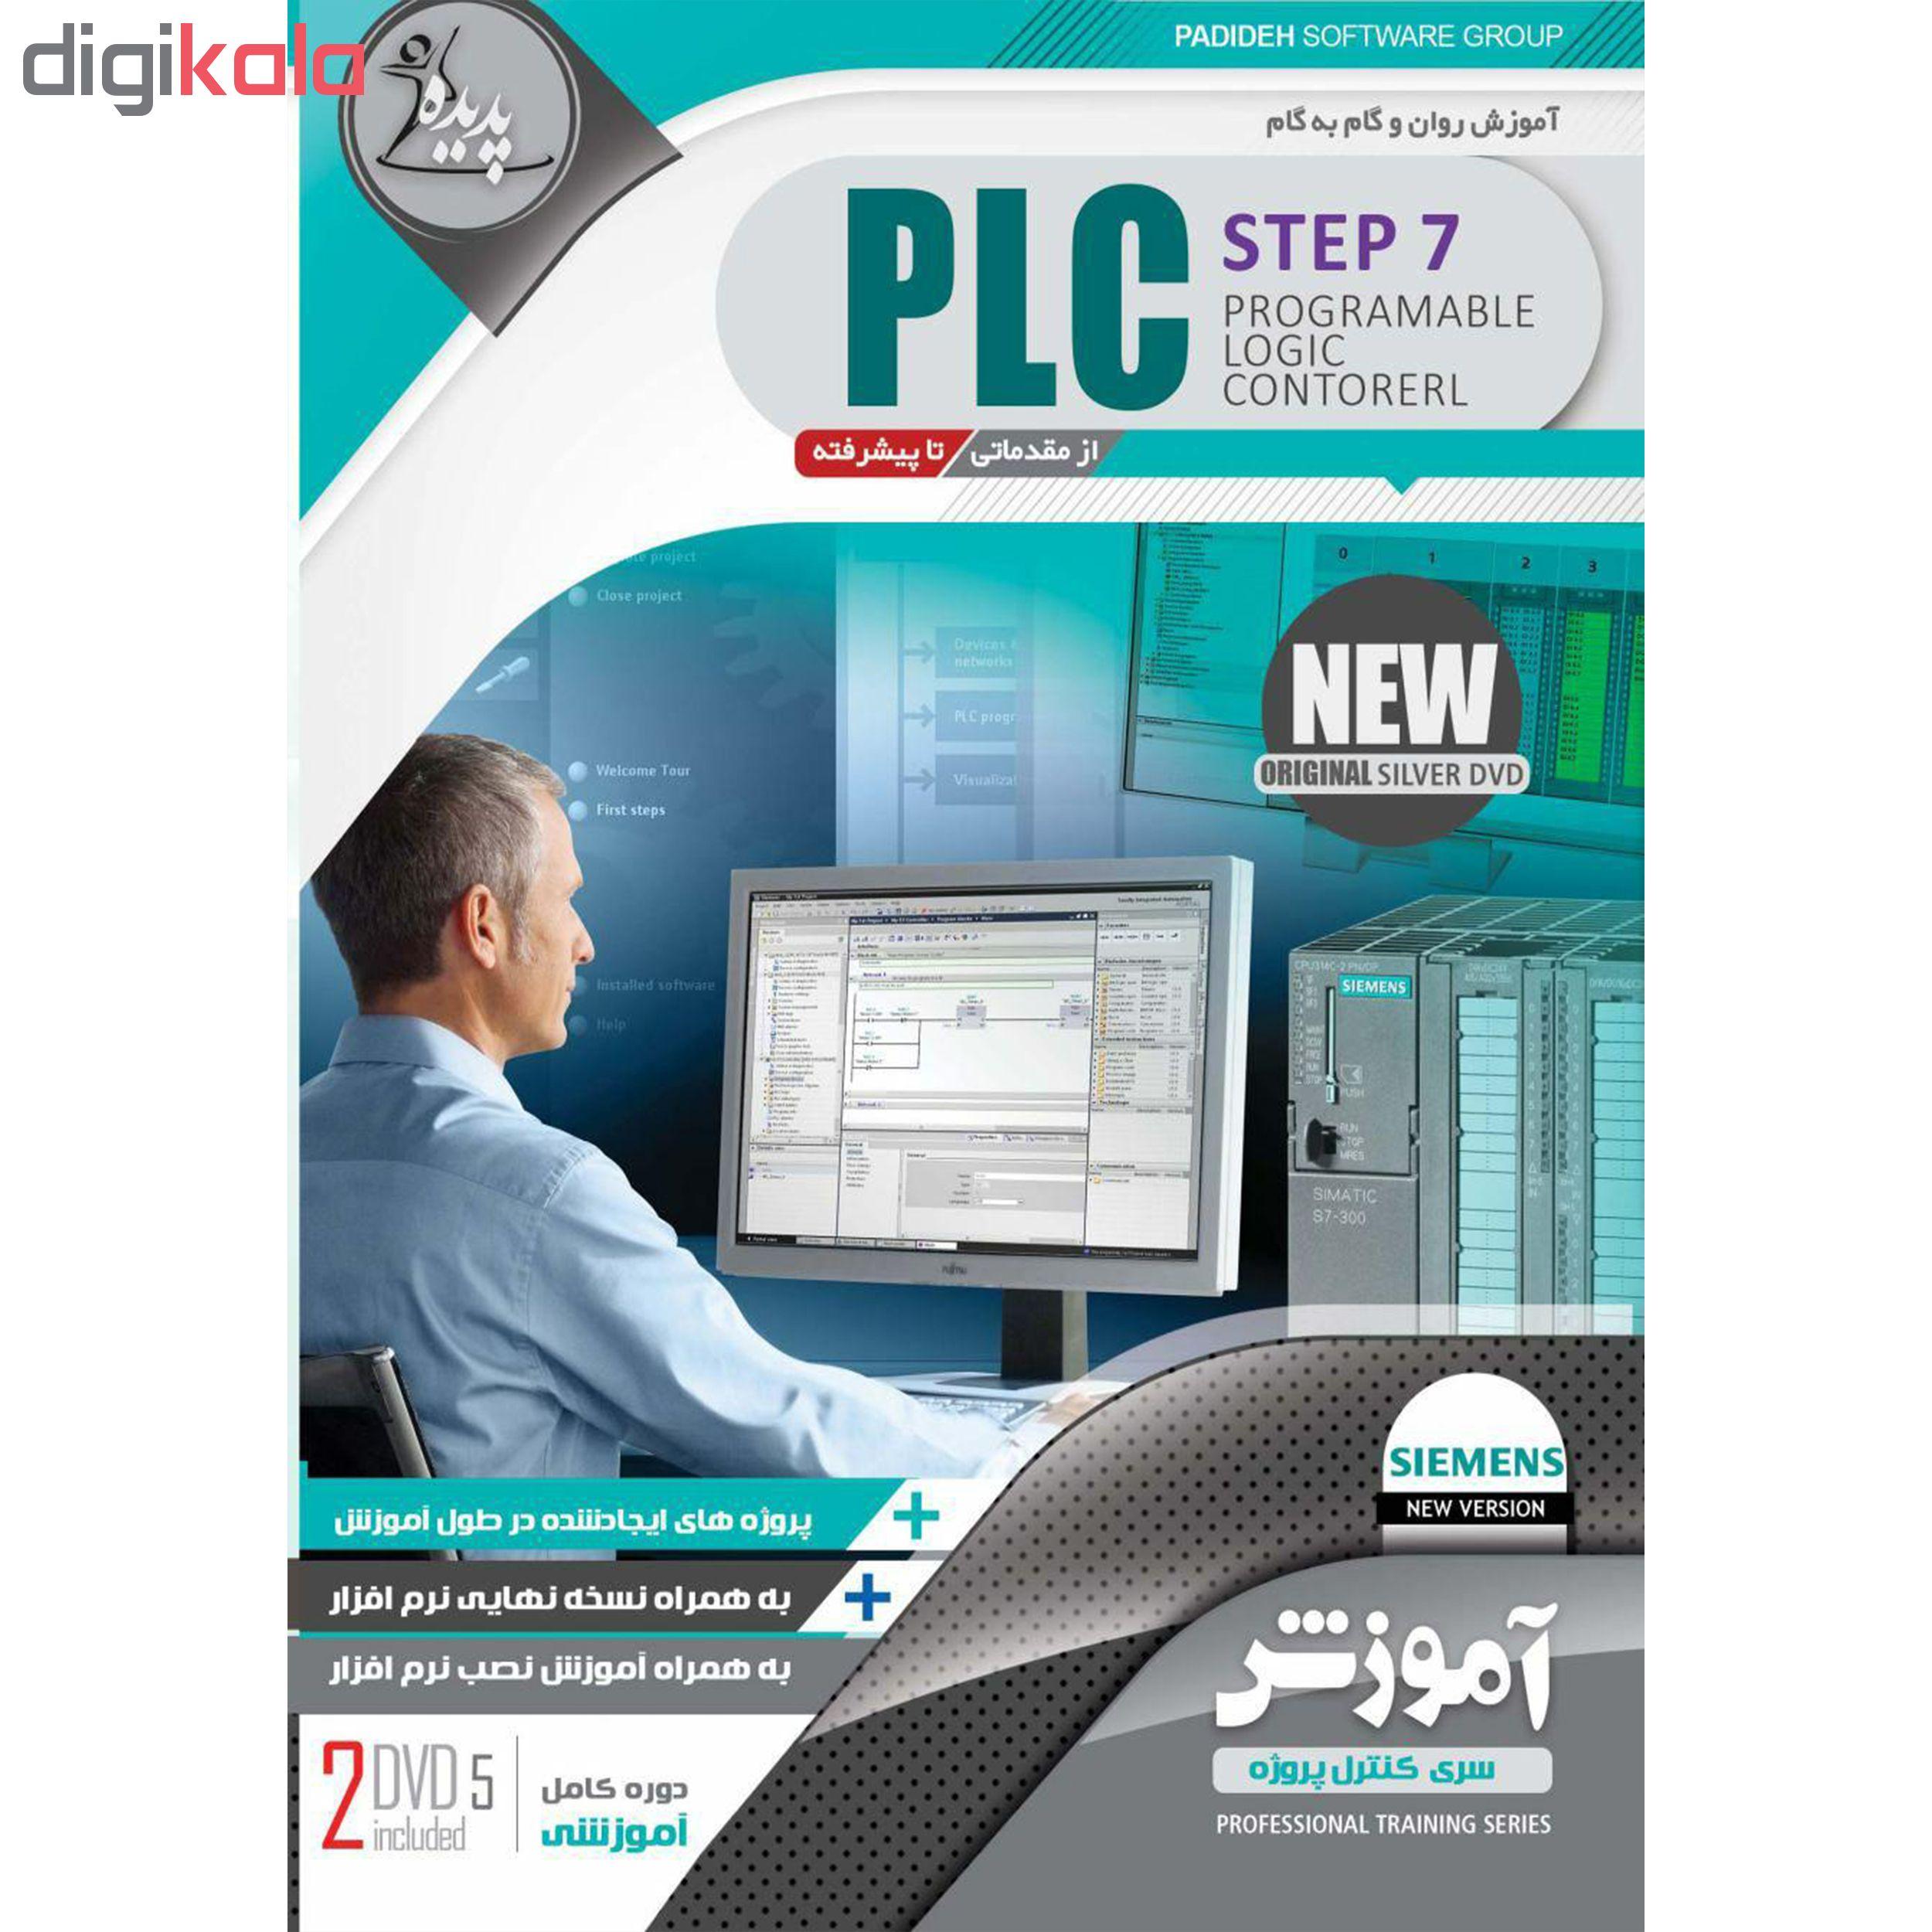 نرم افزار آموزش PLC نشر پدیده به همراه نرم افزار آموزش PIC نشر پدیده